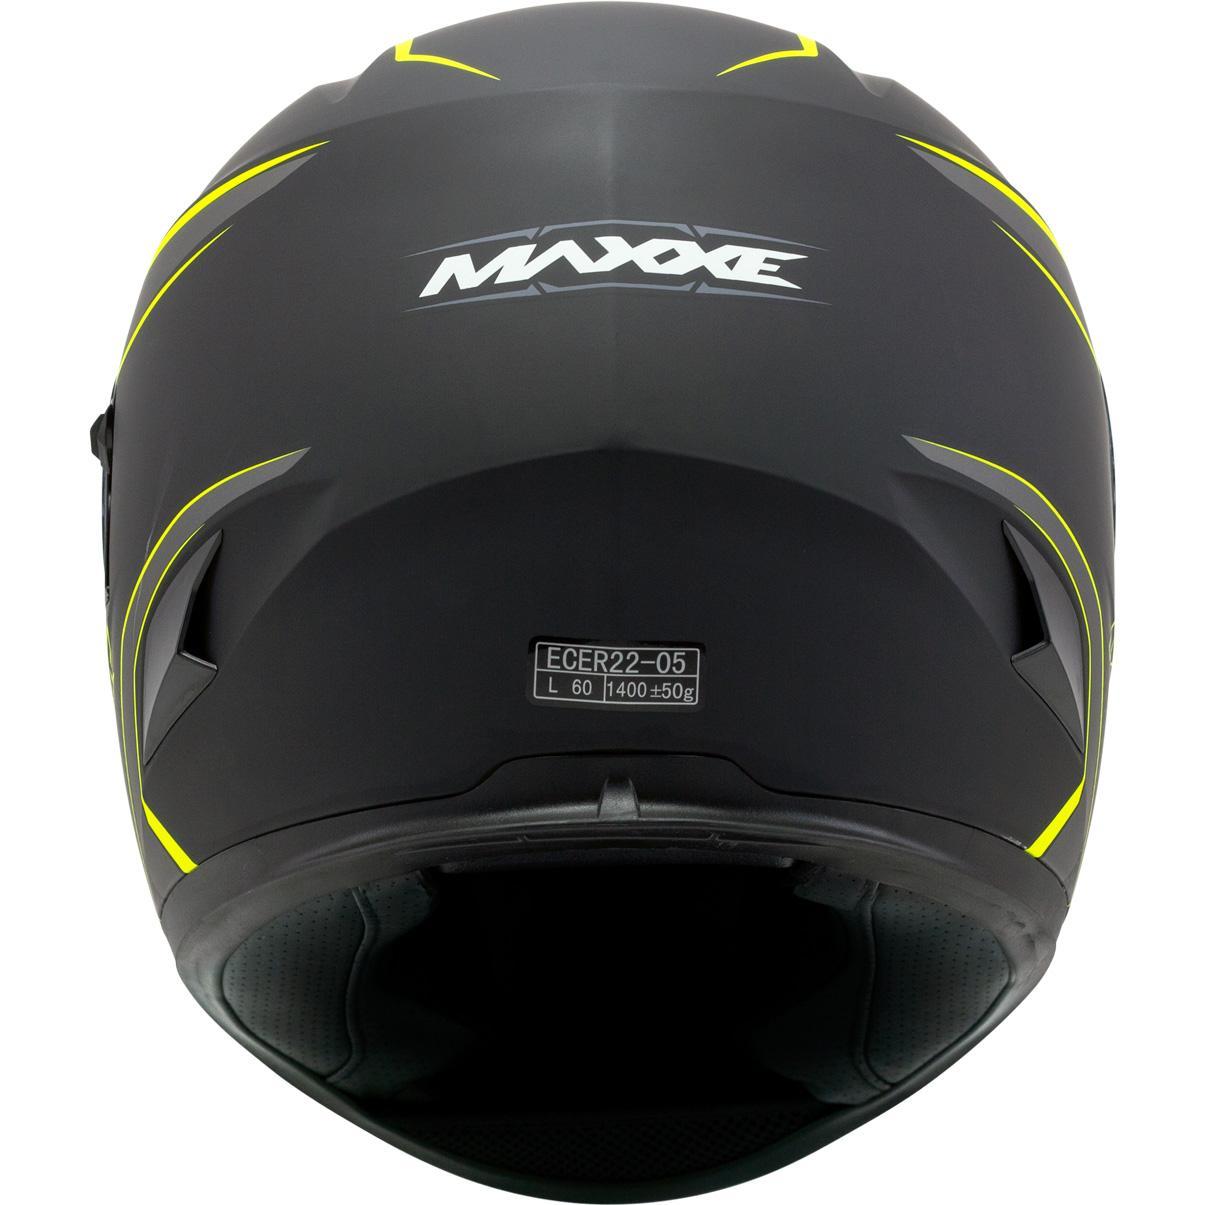 MAXXE-casque-street-image-9627115